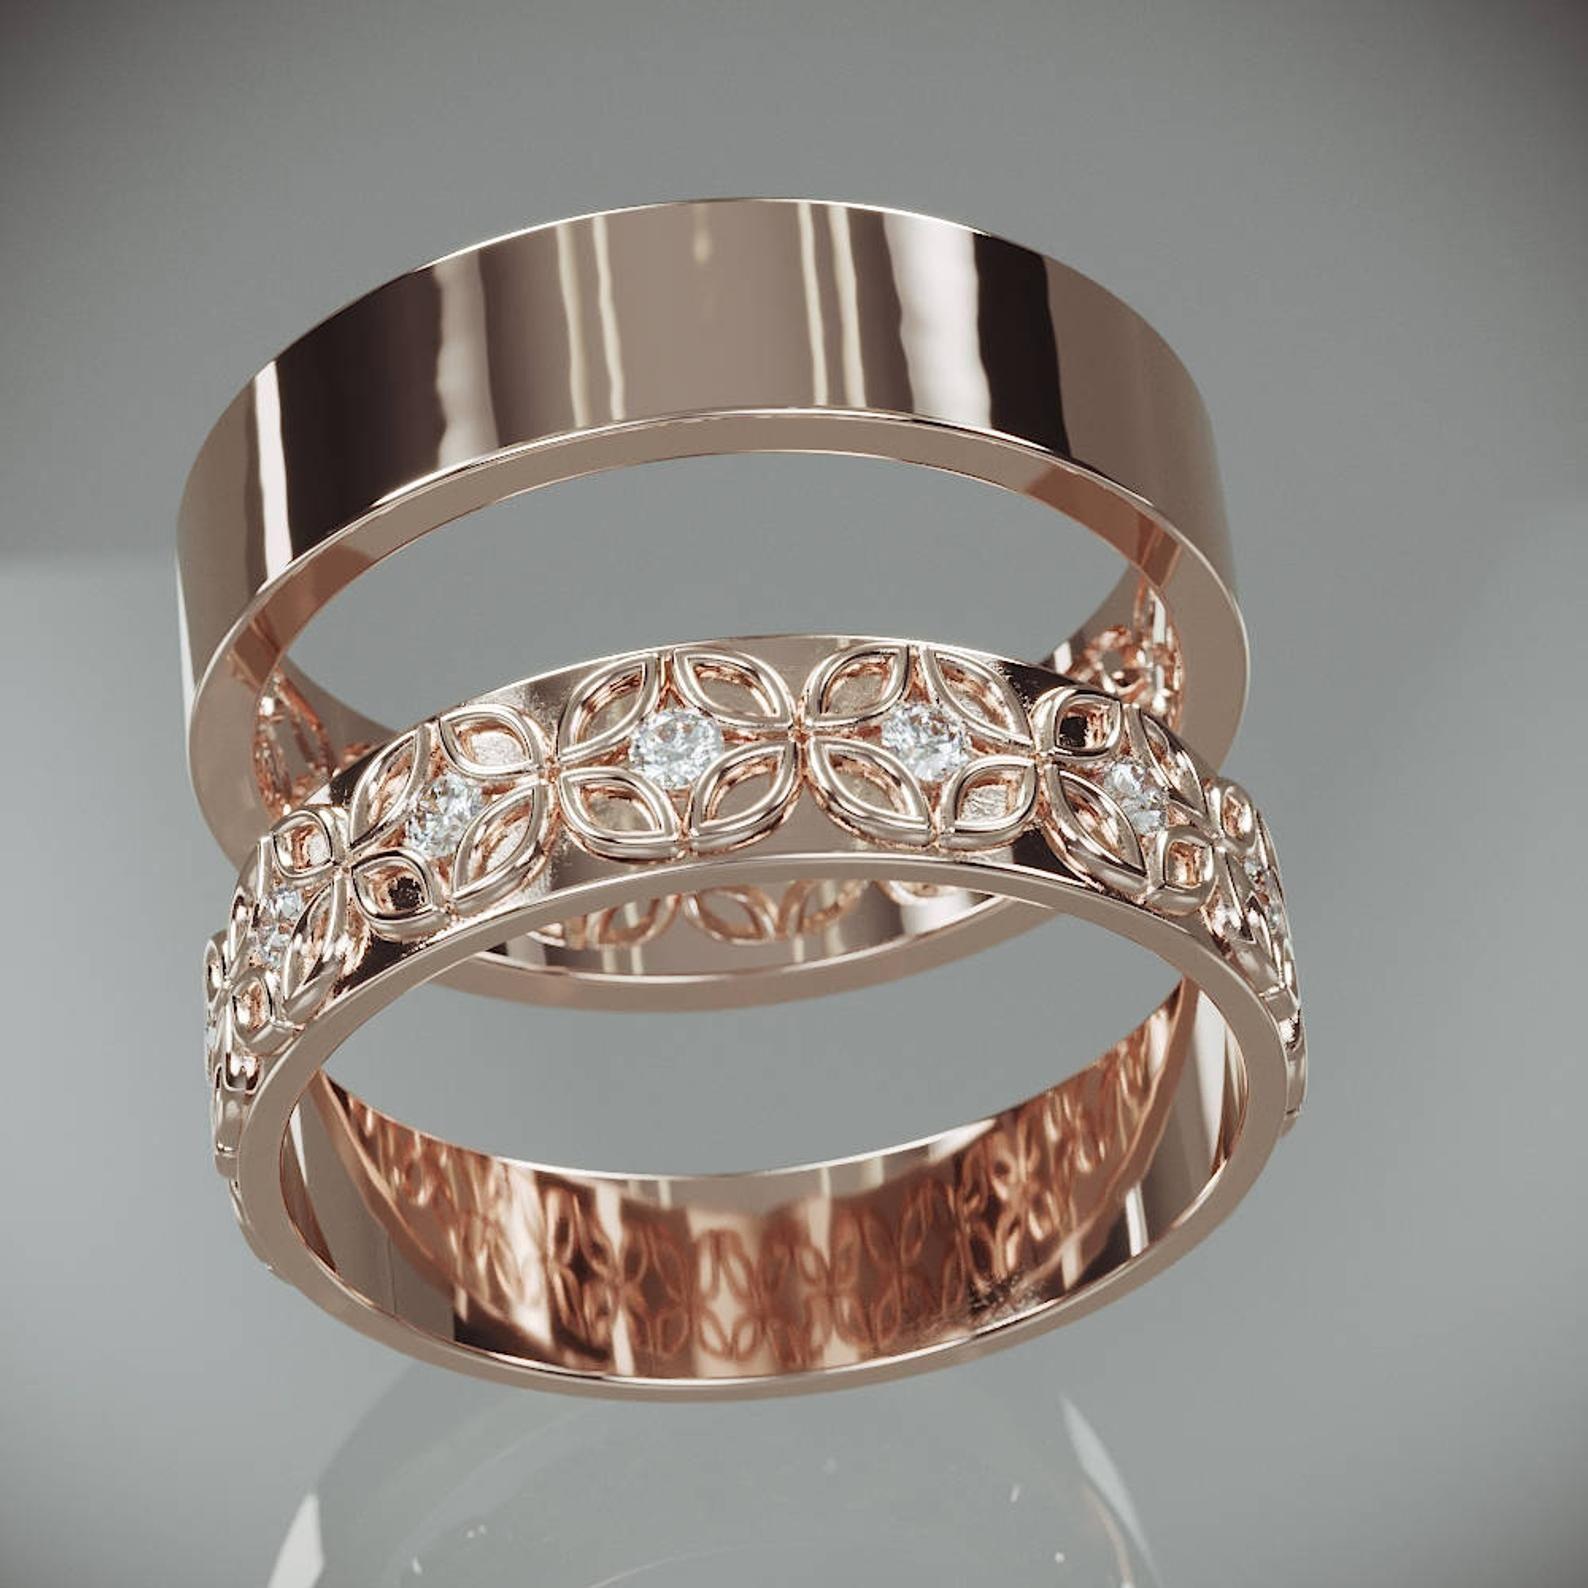 14K Rose Gold Celtic Flower Wedding Rings Set with Diamonds  | Etsy